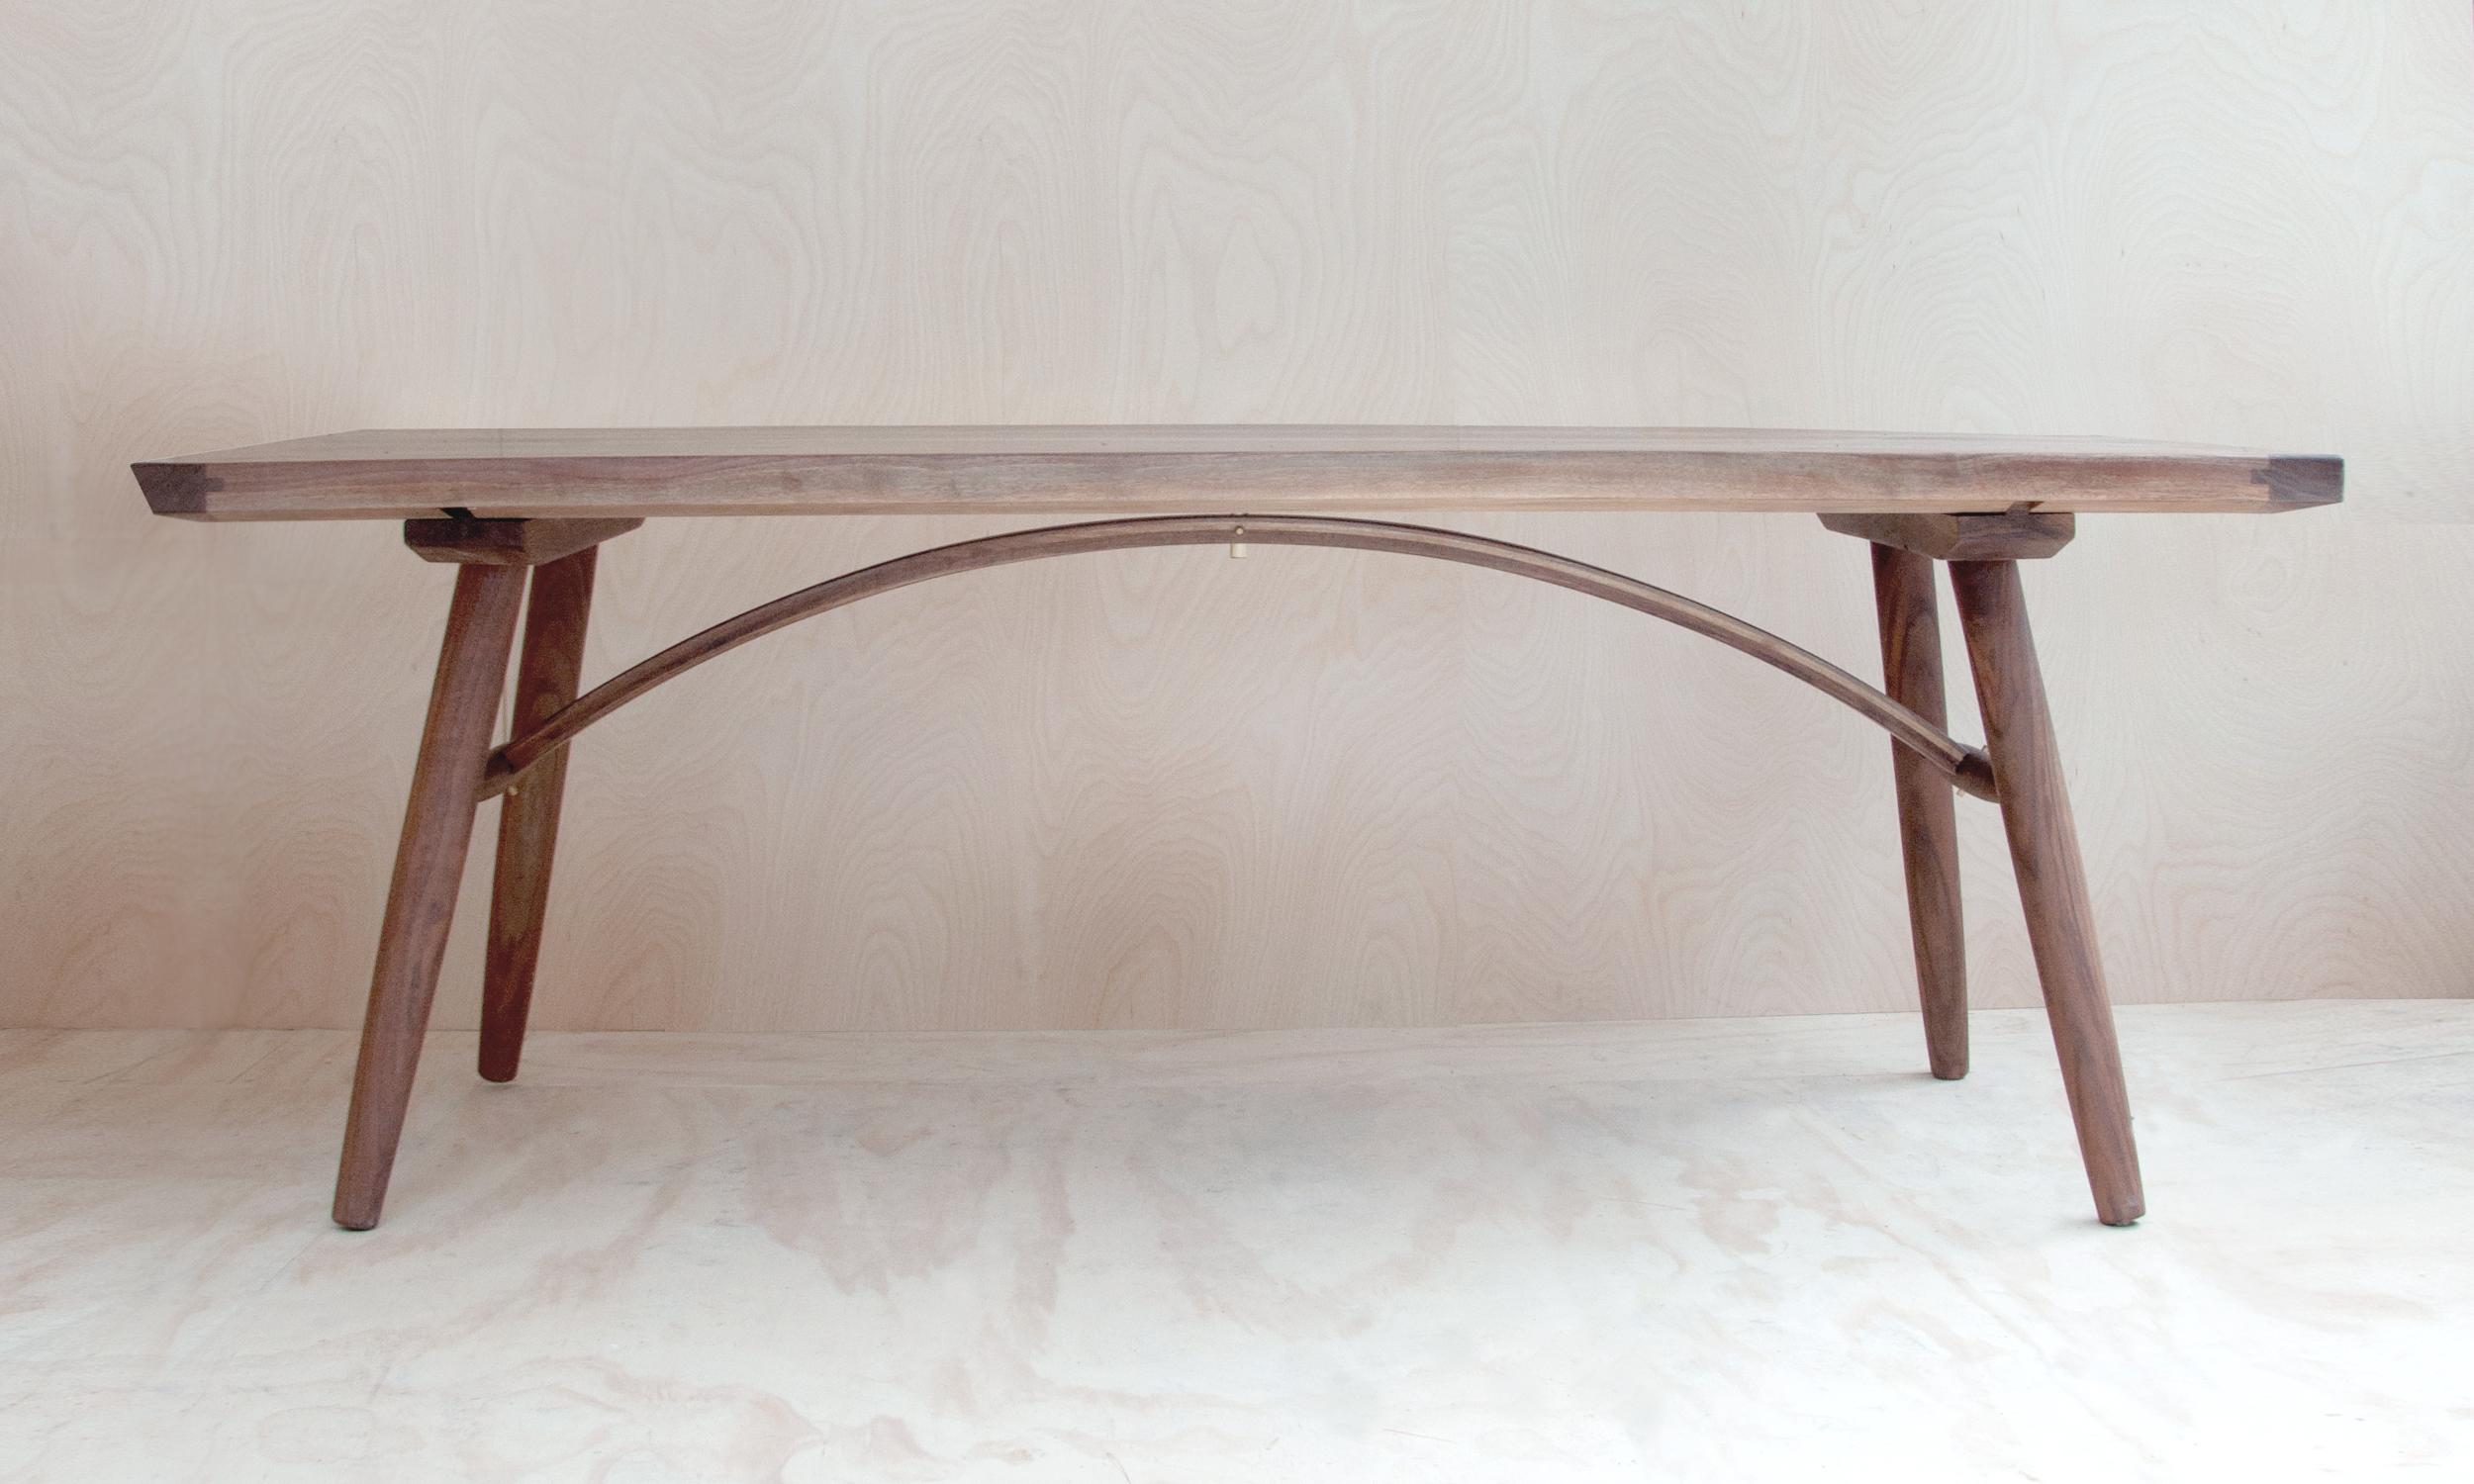 Hudson Workshop Arched Dining Table